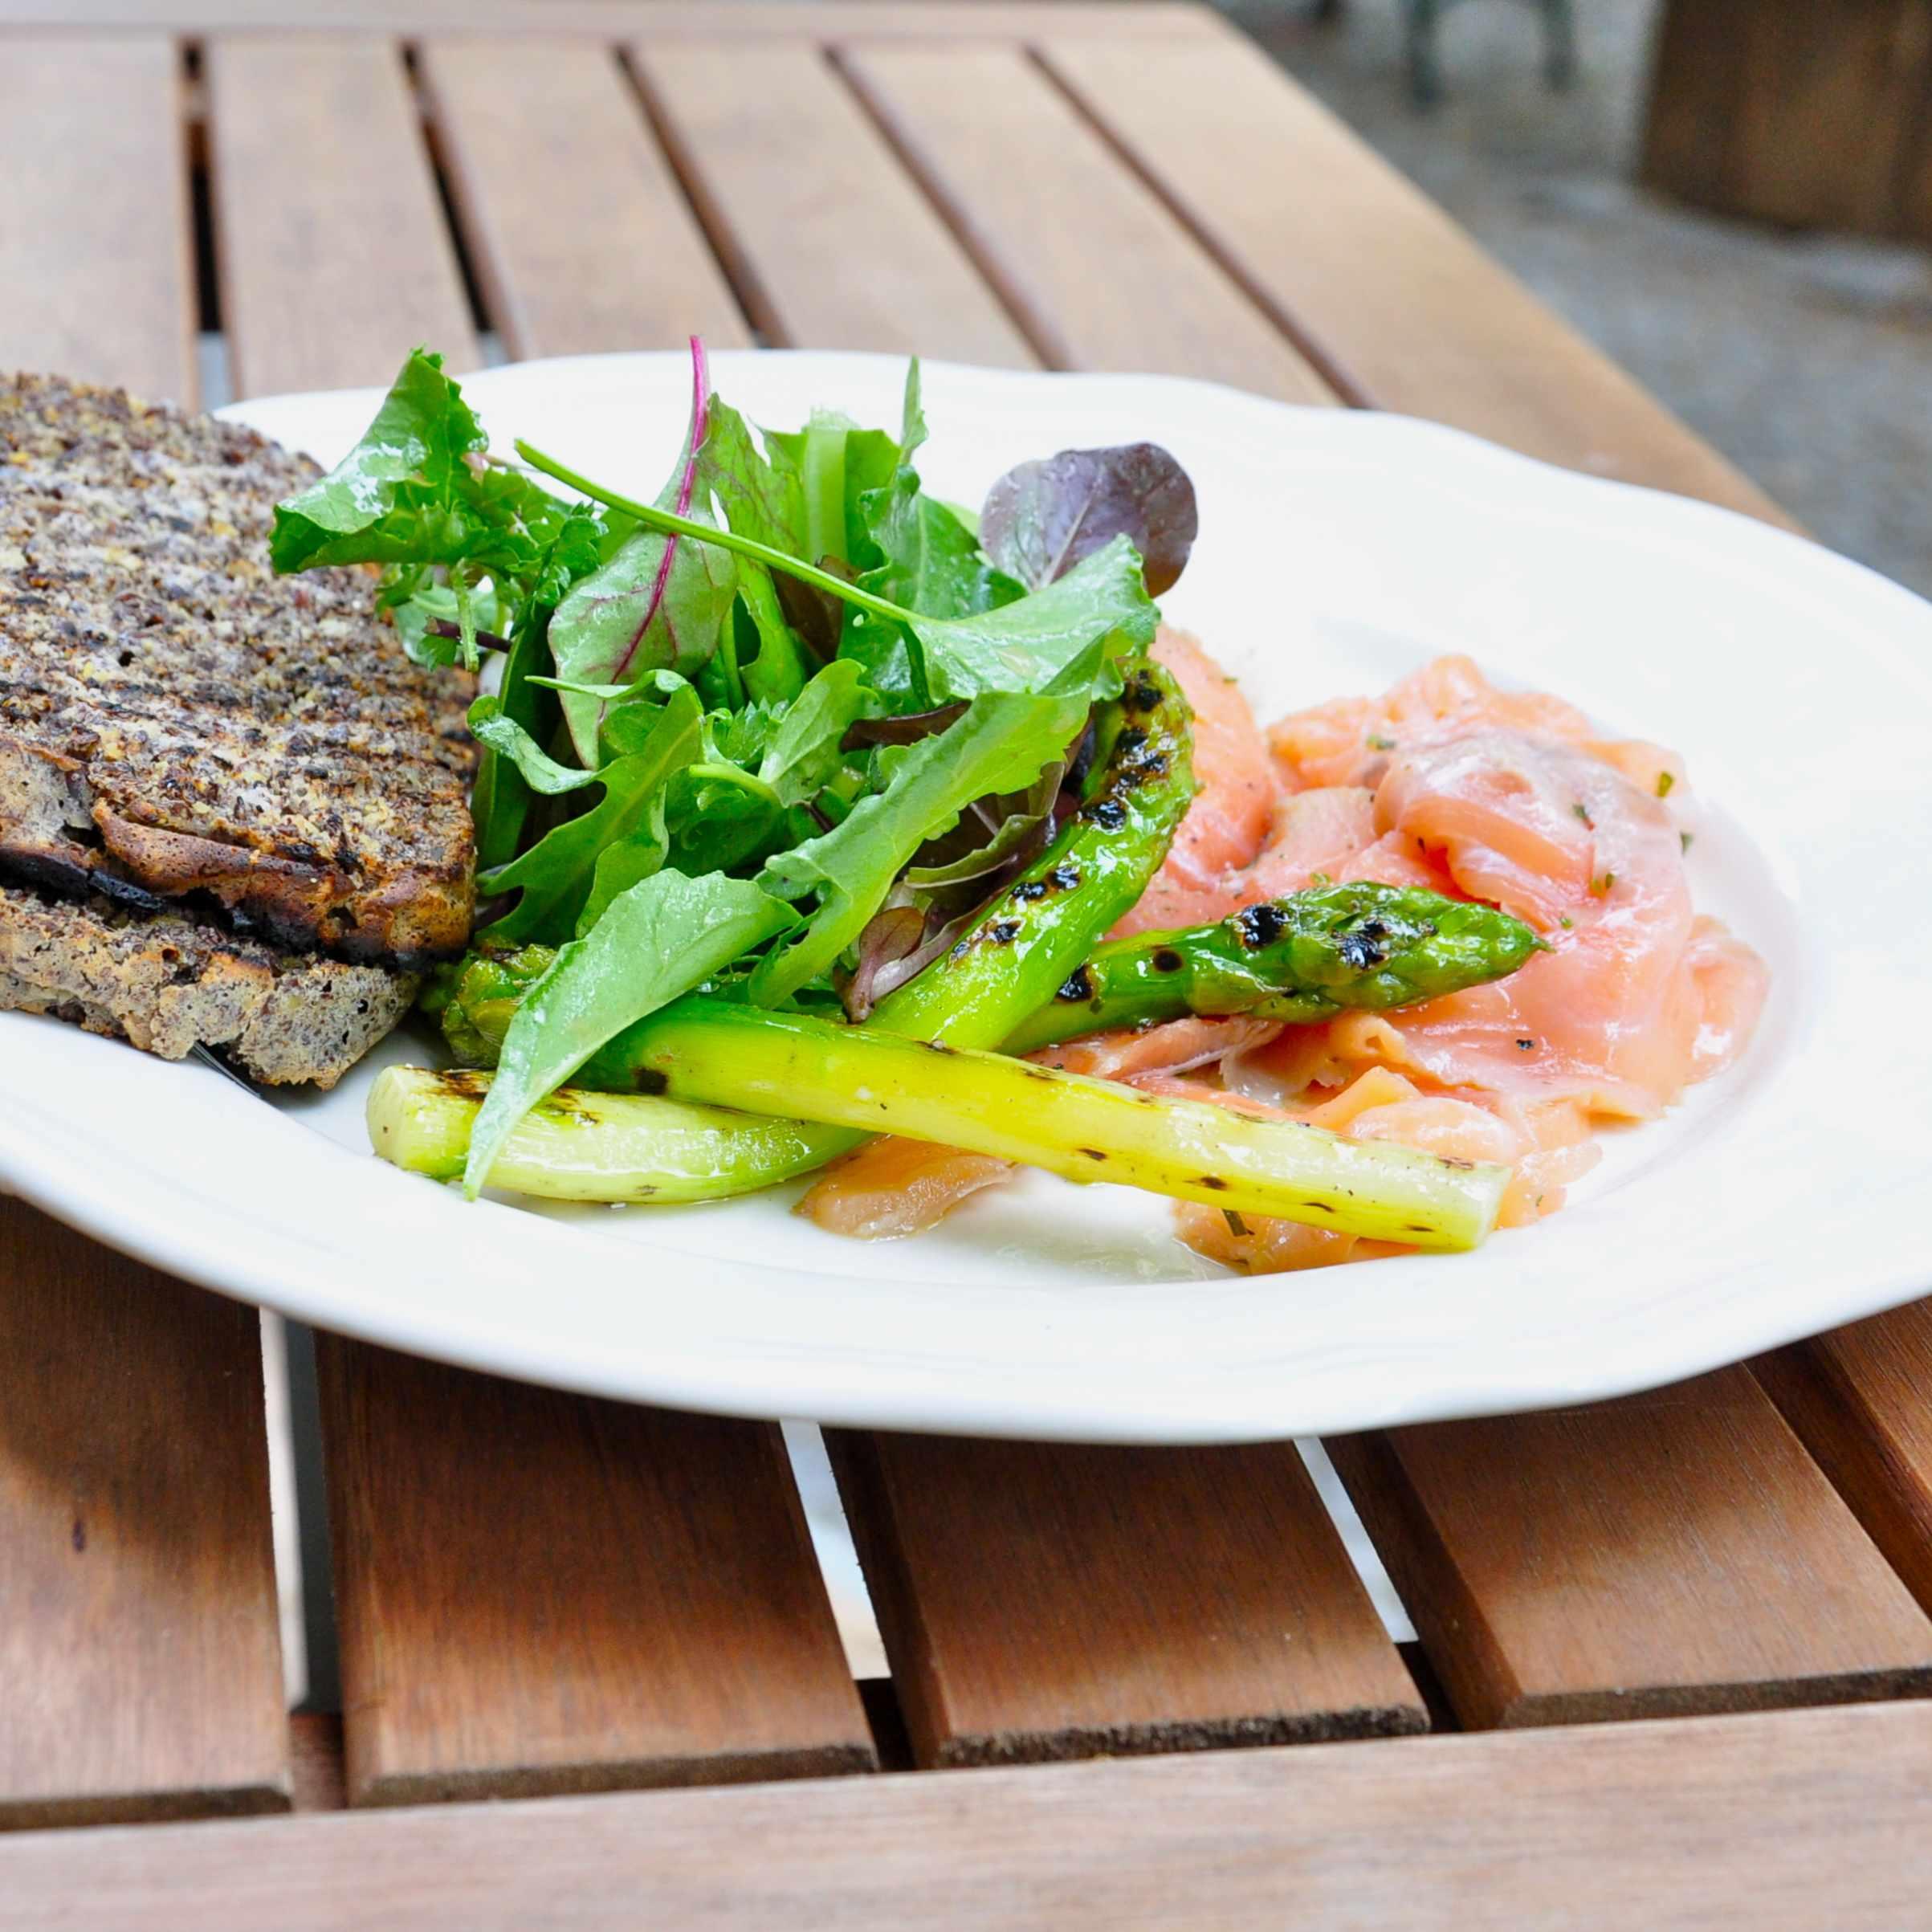 Sauvage-Berlin-Paleo-Restaurant-Fruehstueck-Lachs